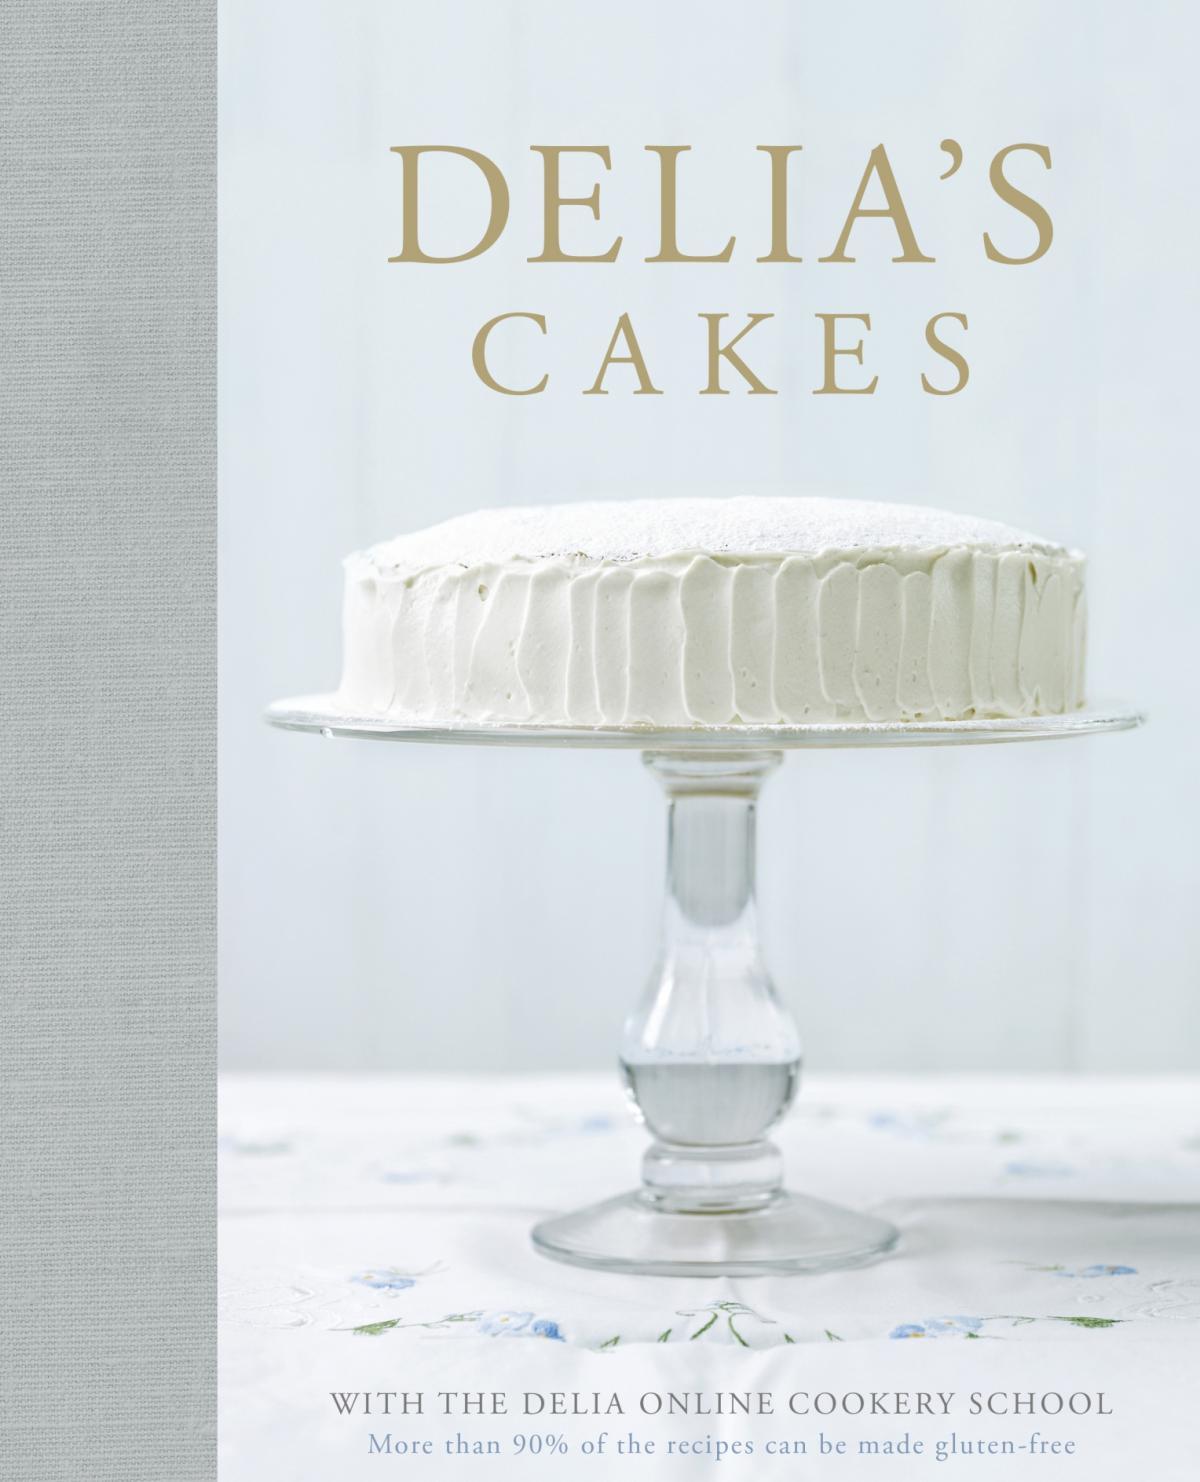 A picture of Delia's Delia's Cakes recipes